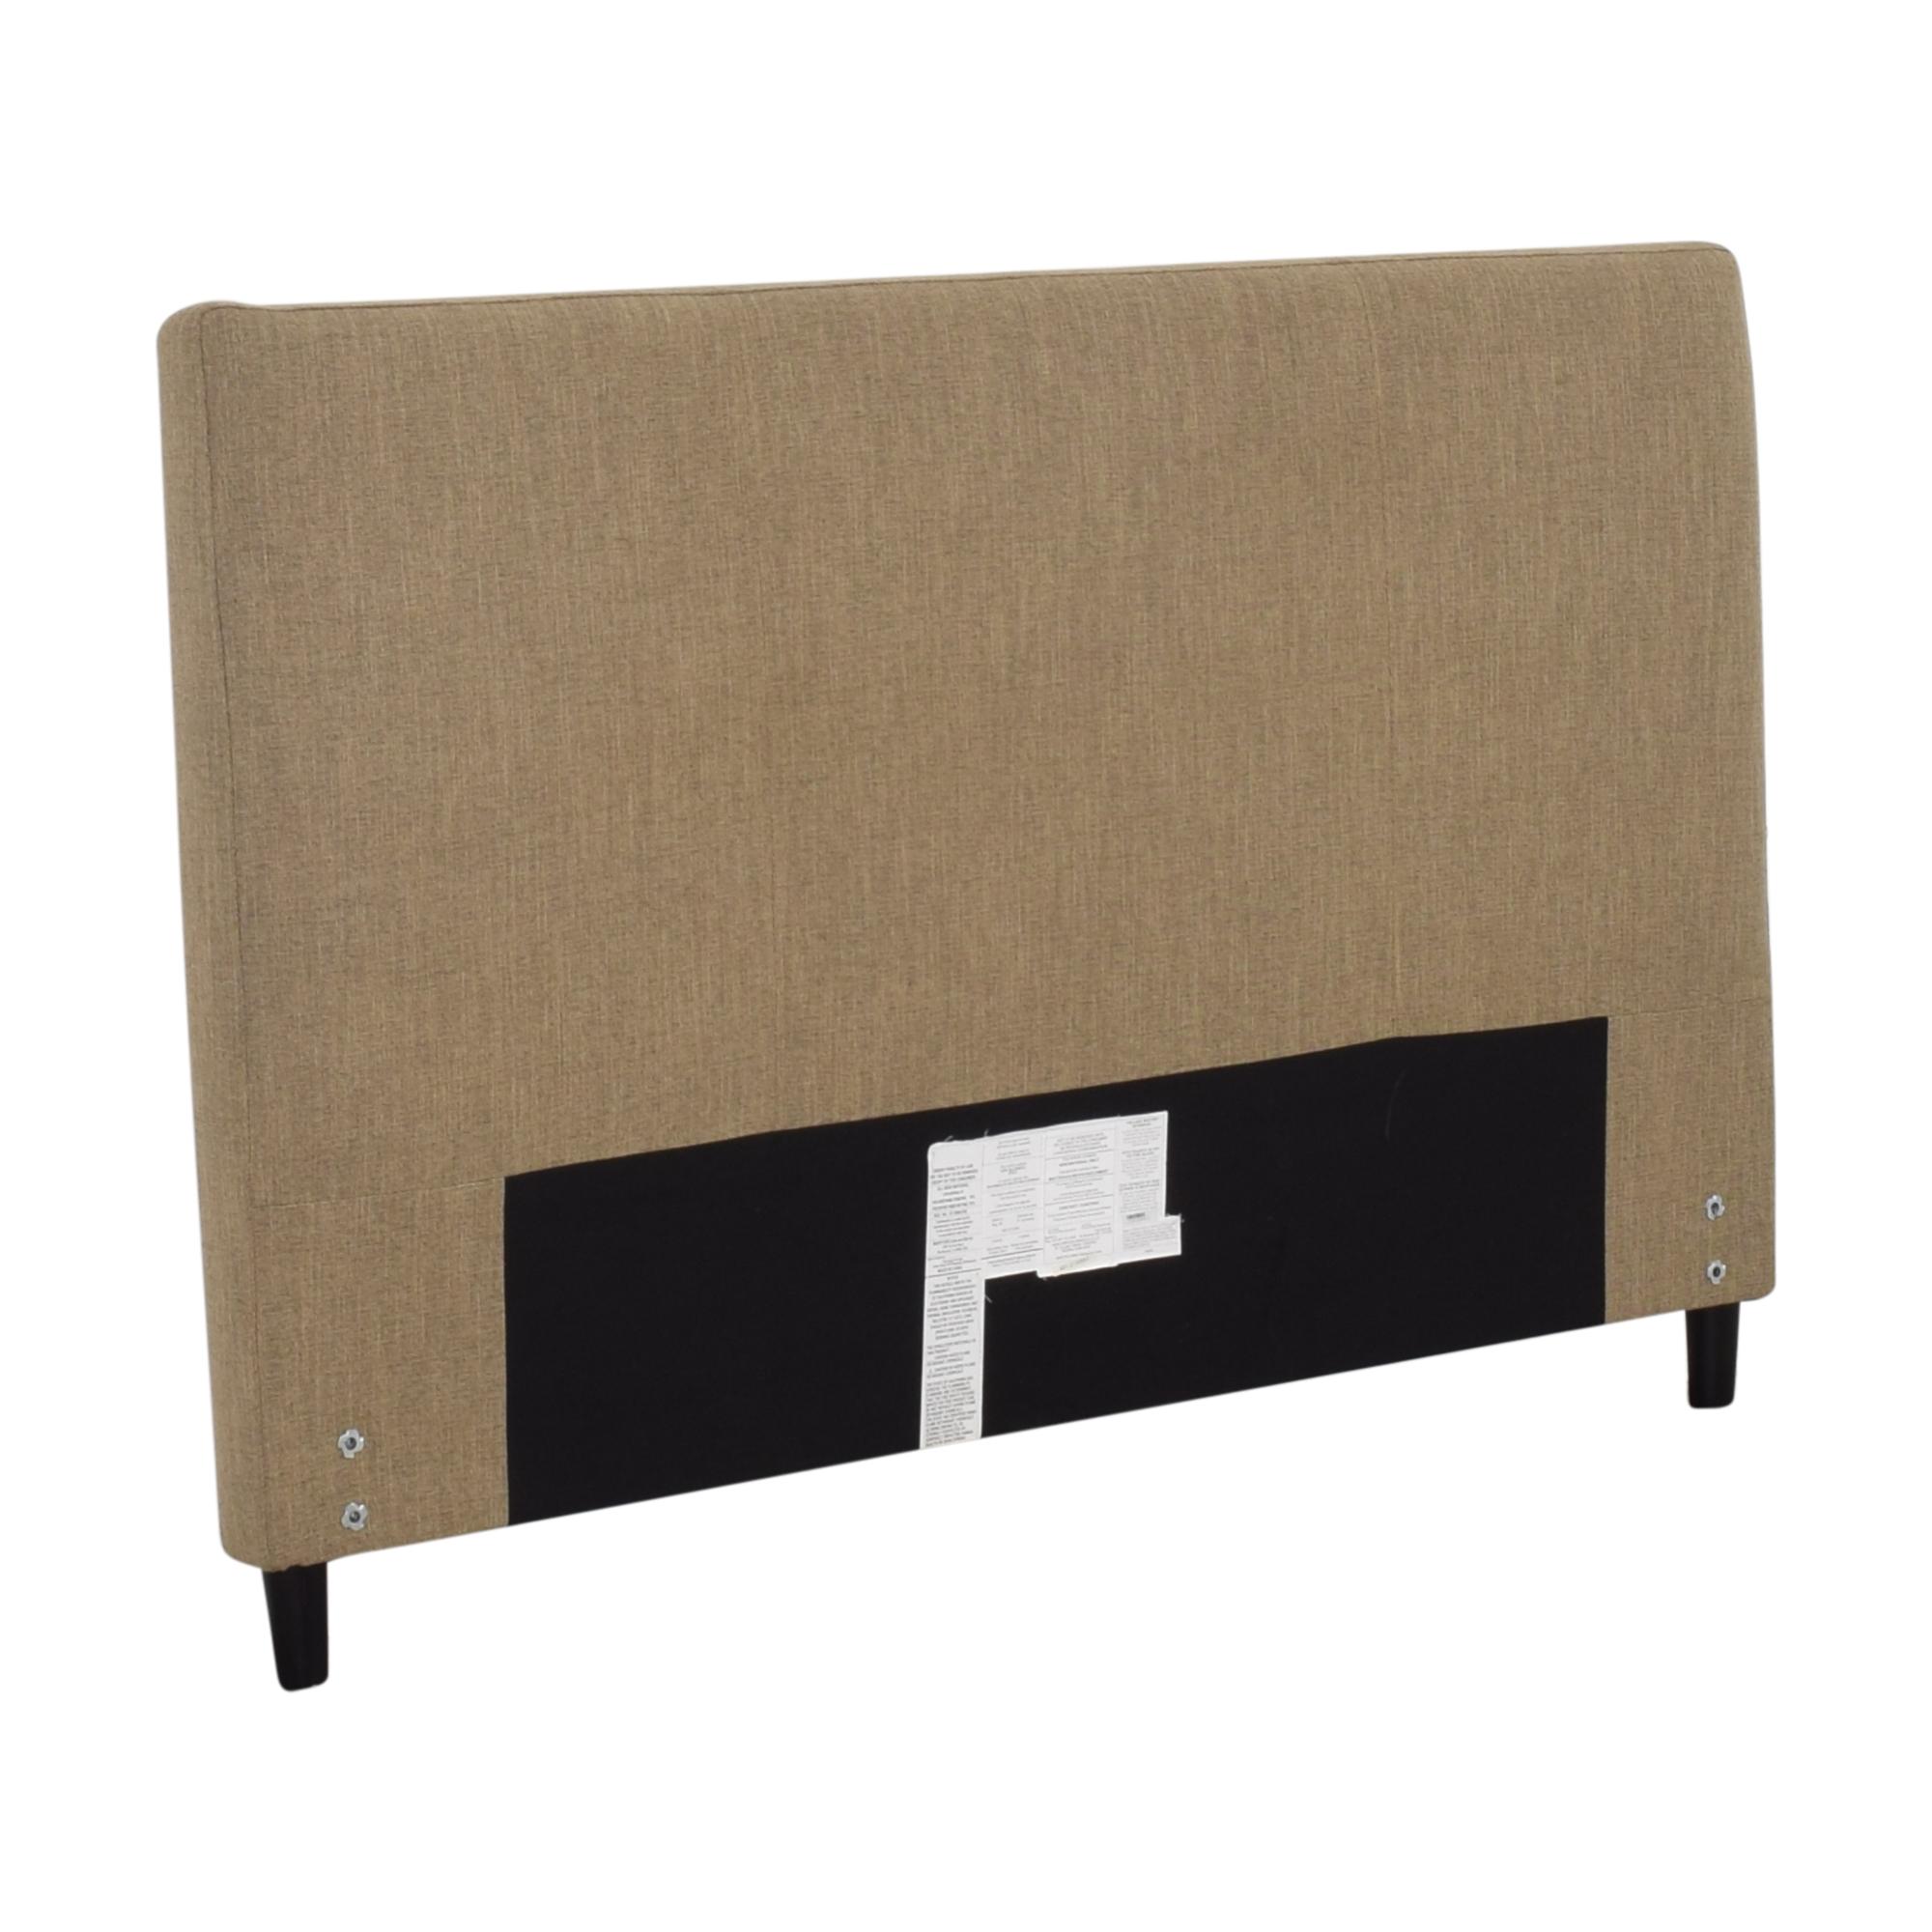 Crate & Barrel Crate & Barrel Lowe Upholstered Queen Headboard ct